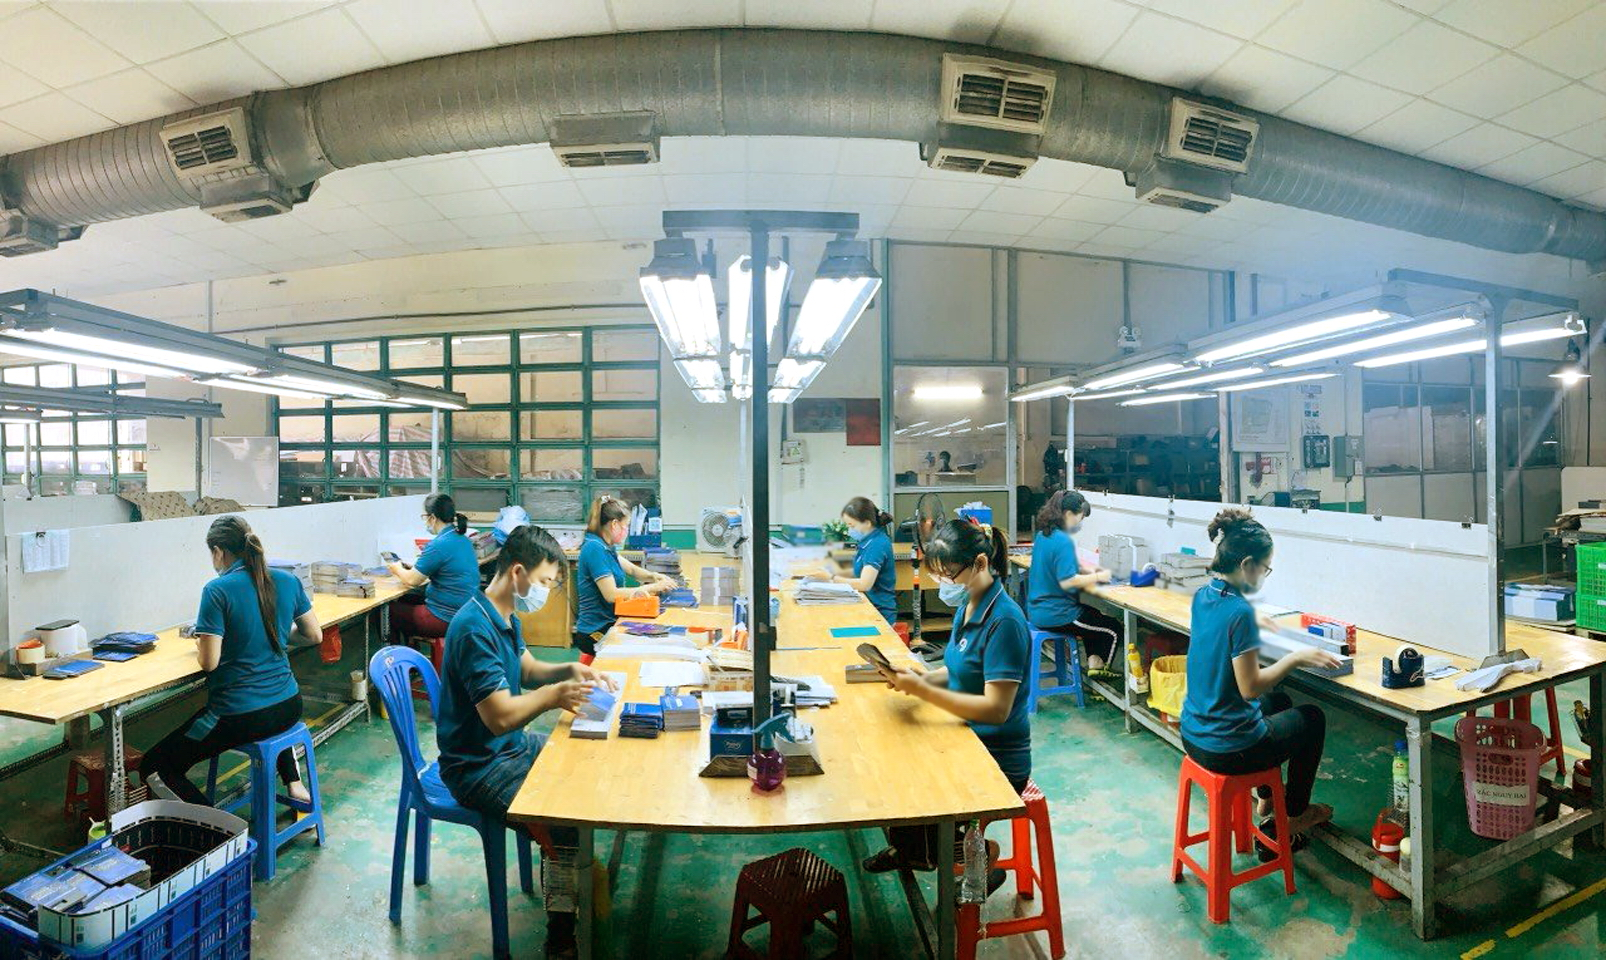 """Các doanh nghiệp sản xuất theo mô hình """"ba tại chỗ"""" đang gặp rất nhiều khó khăn (Công ty 3D Hub Global tổ chức cho công nhân ăn nghỉ, làm việc tại công ty) - Ảnh: N.CẨM"""